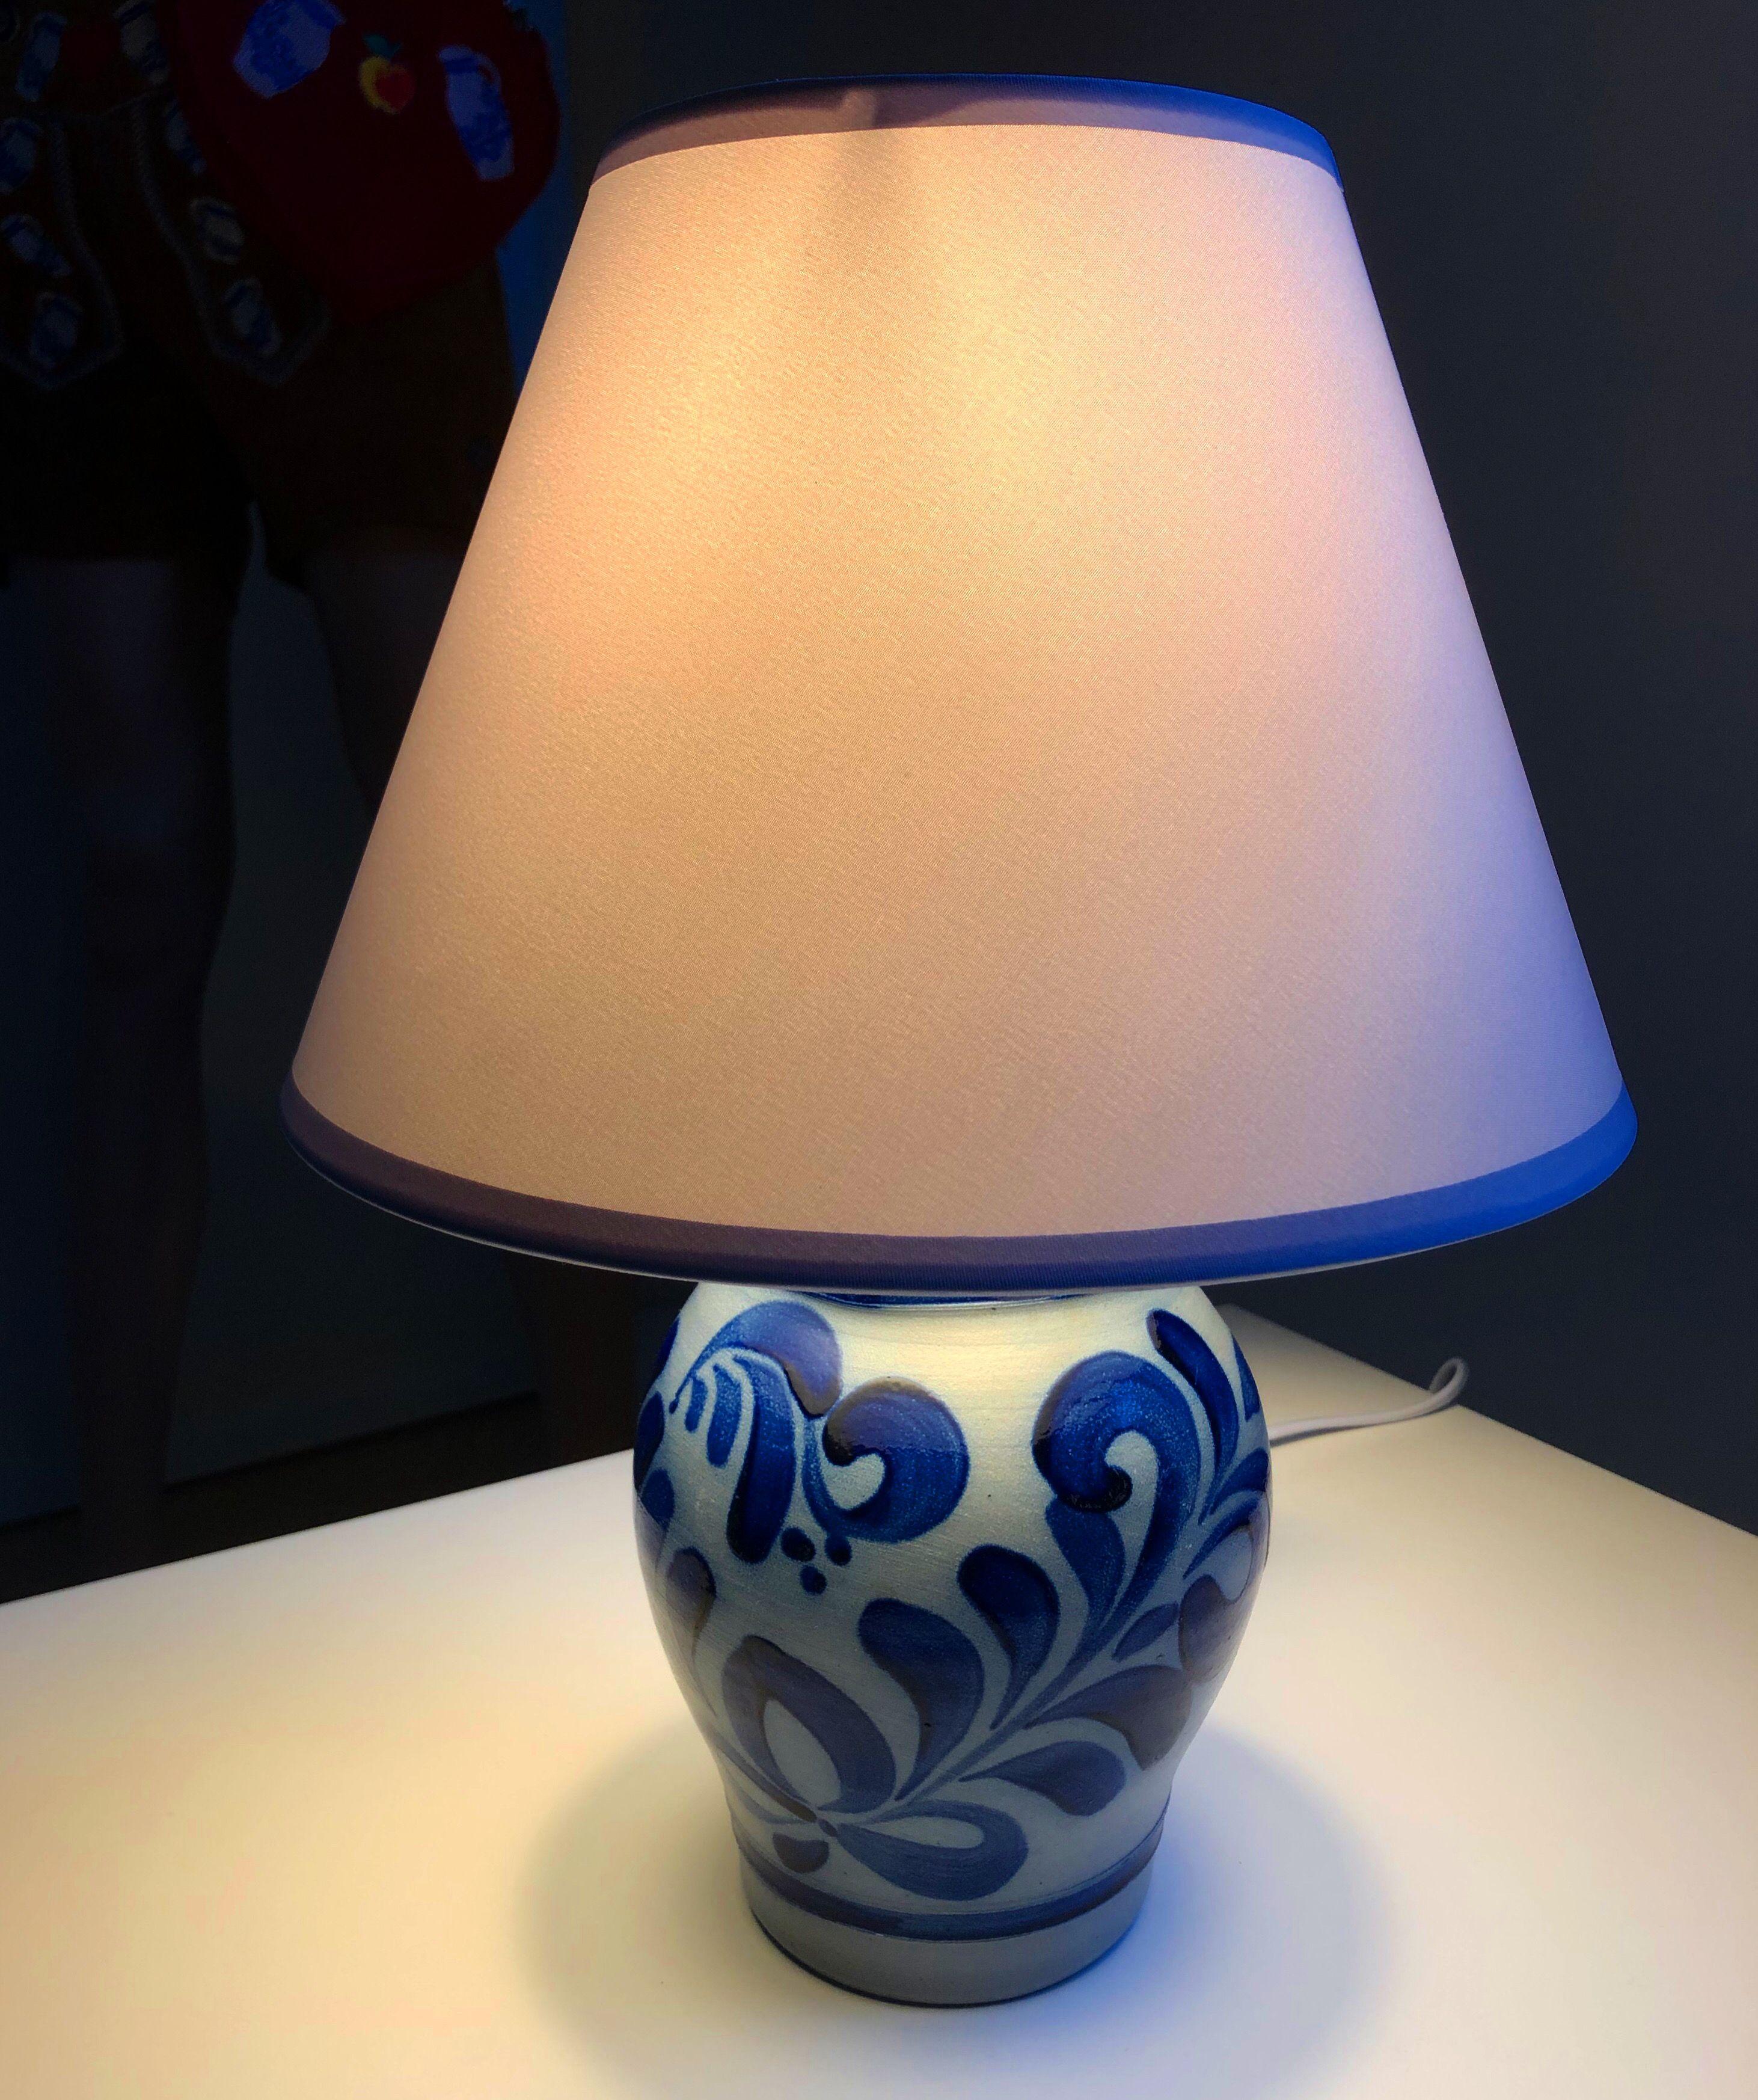 Unsere Bembel Lampe Bembellampe In 2020 Lampe Bembel Lampen Kaufen